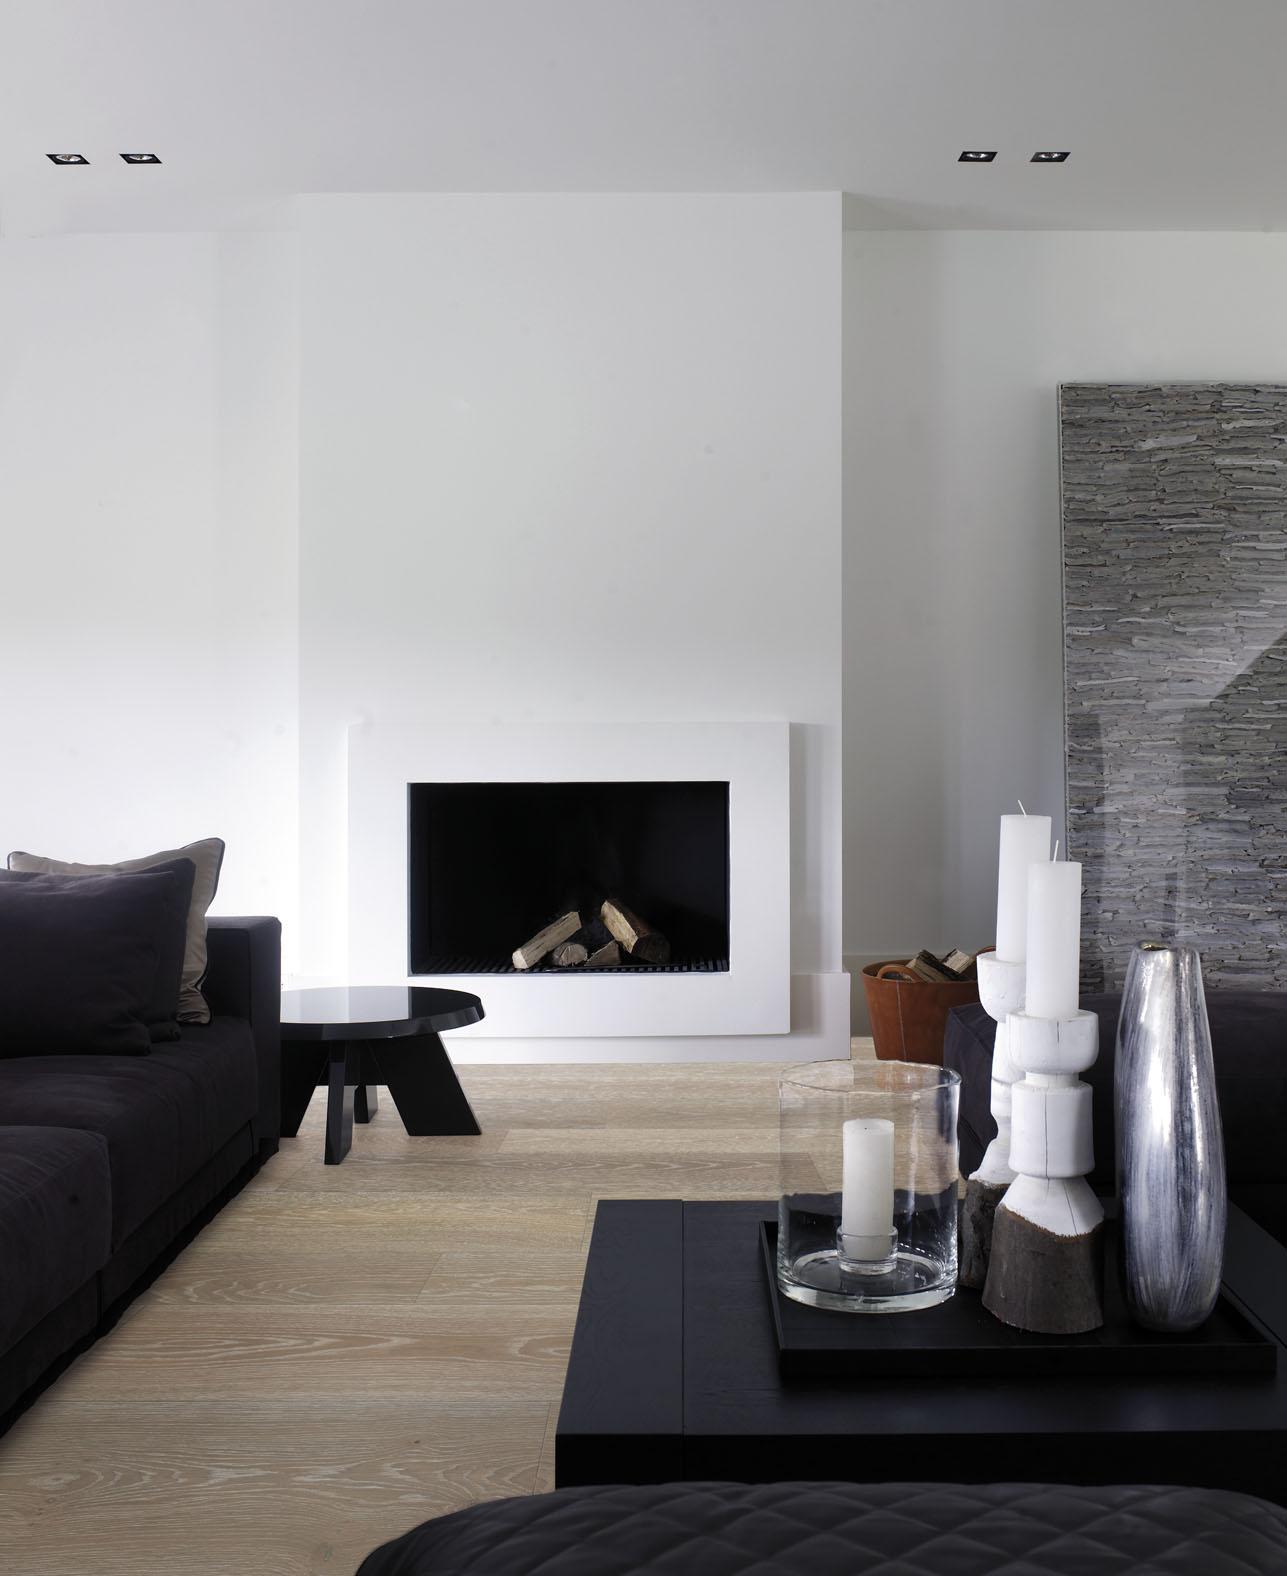 Houten vloer | French Floor | Solidfloor by Piet Boon #houtenvloer #pietboon #solidfloor #interieur